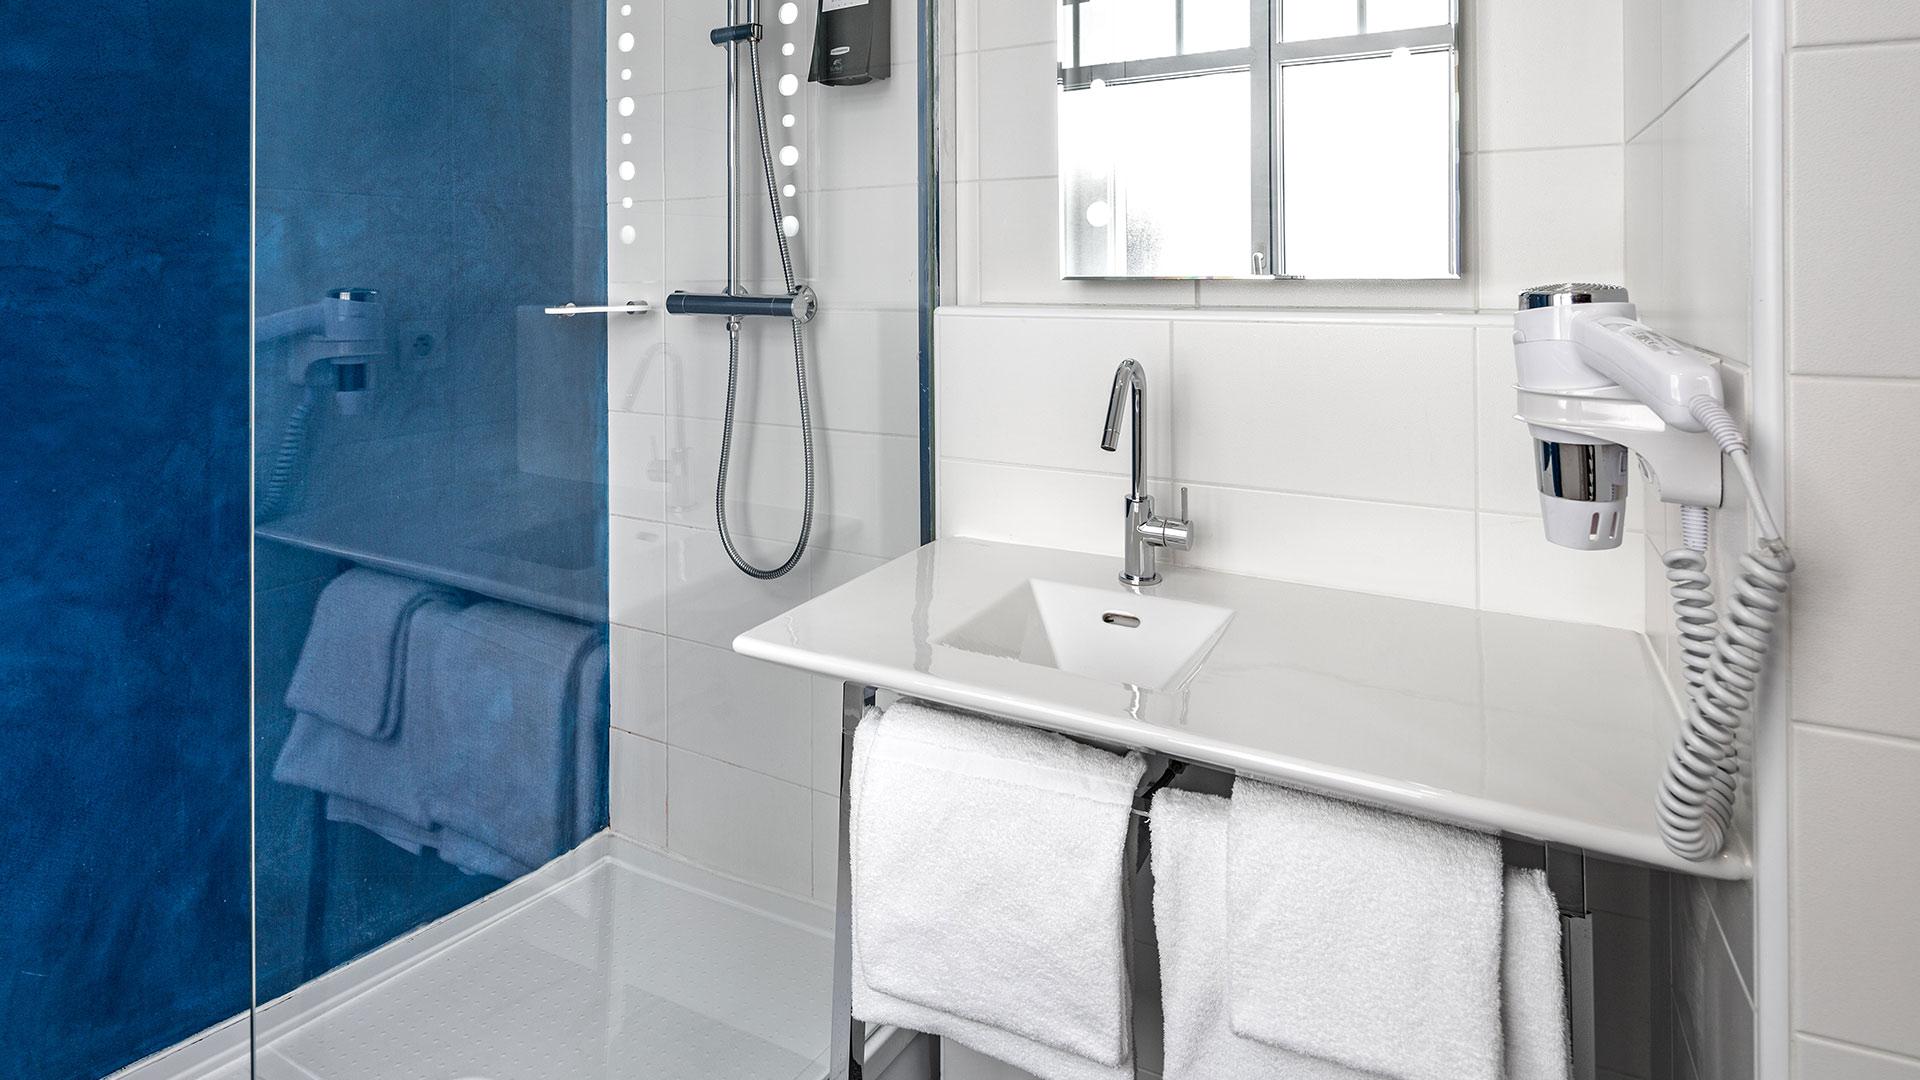 Salle de bain hôtel de charme Biarritz